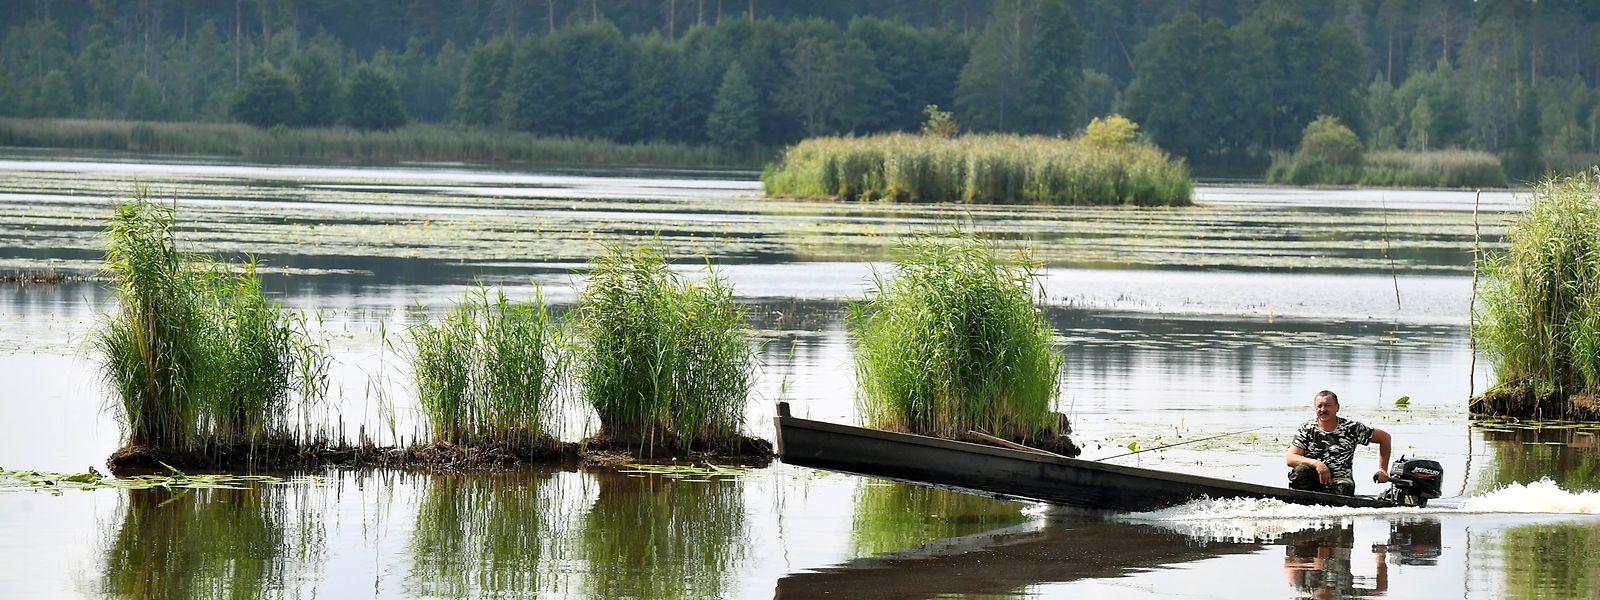 La forêt primaire de Bielowieza en Pologne est classée patrimoine mondial de l'Unesco depuis 1979.